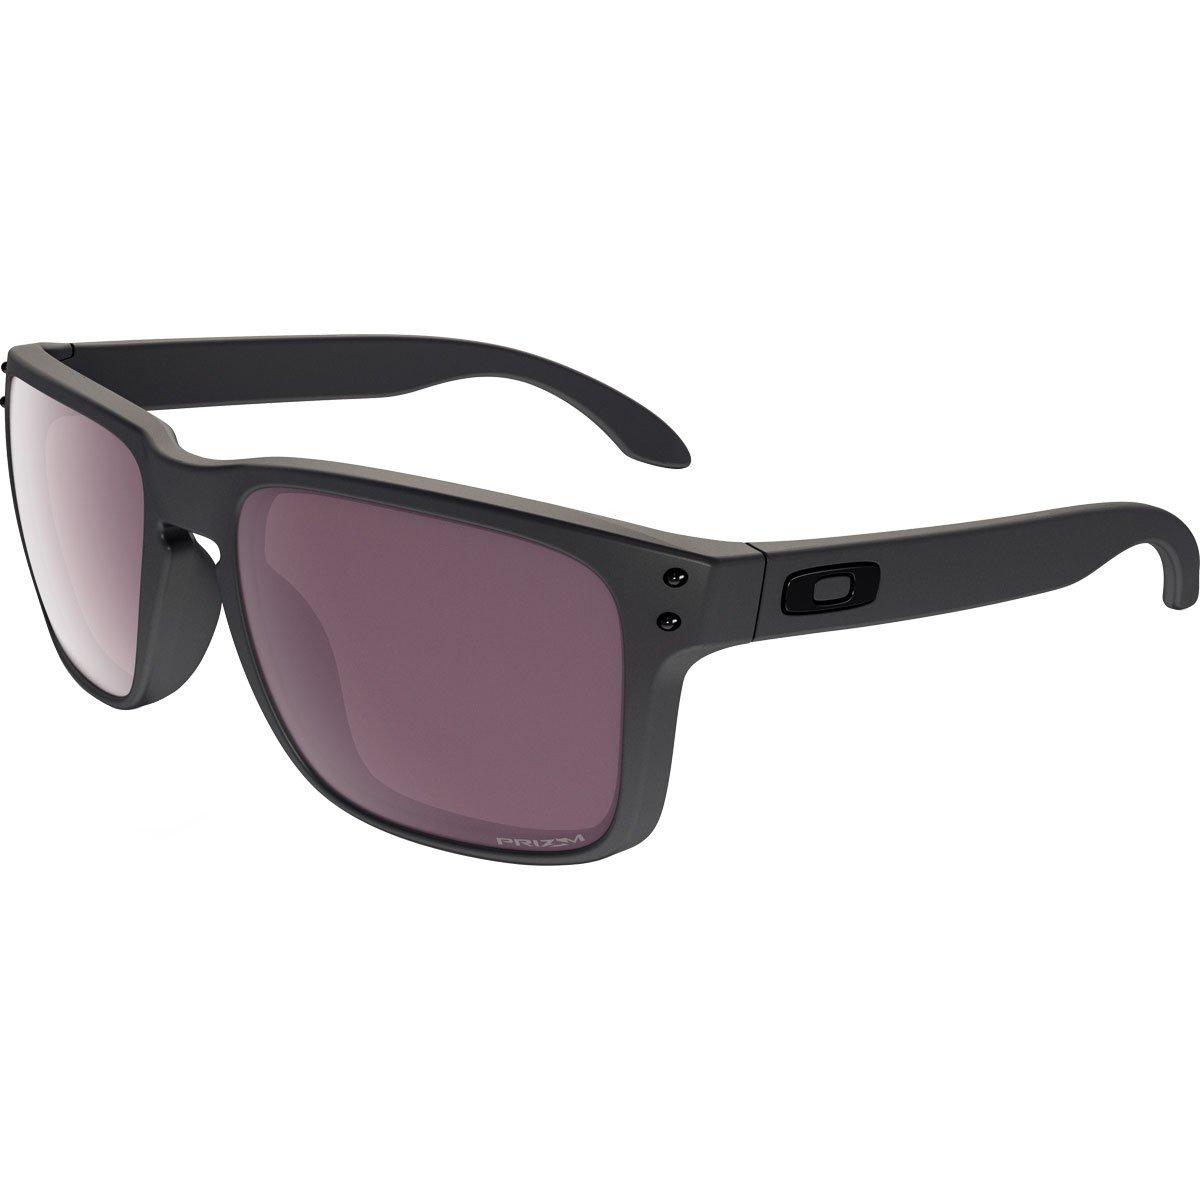 Amazon.com: Oakley Holbrook Iridium - Gafas de sol ...